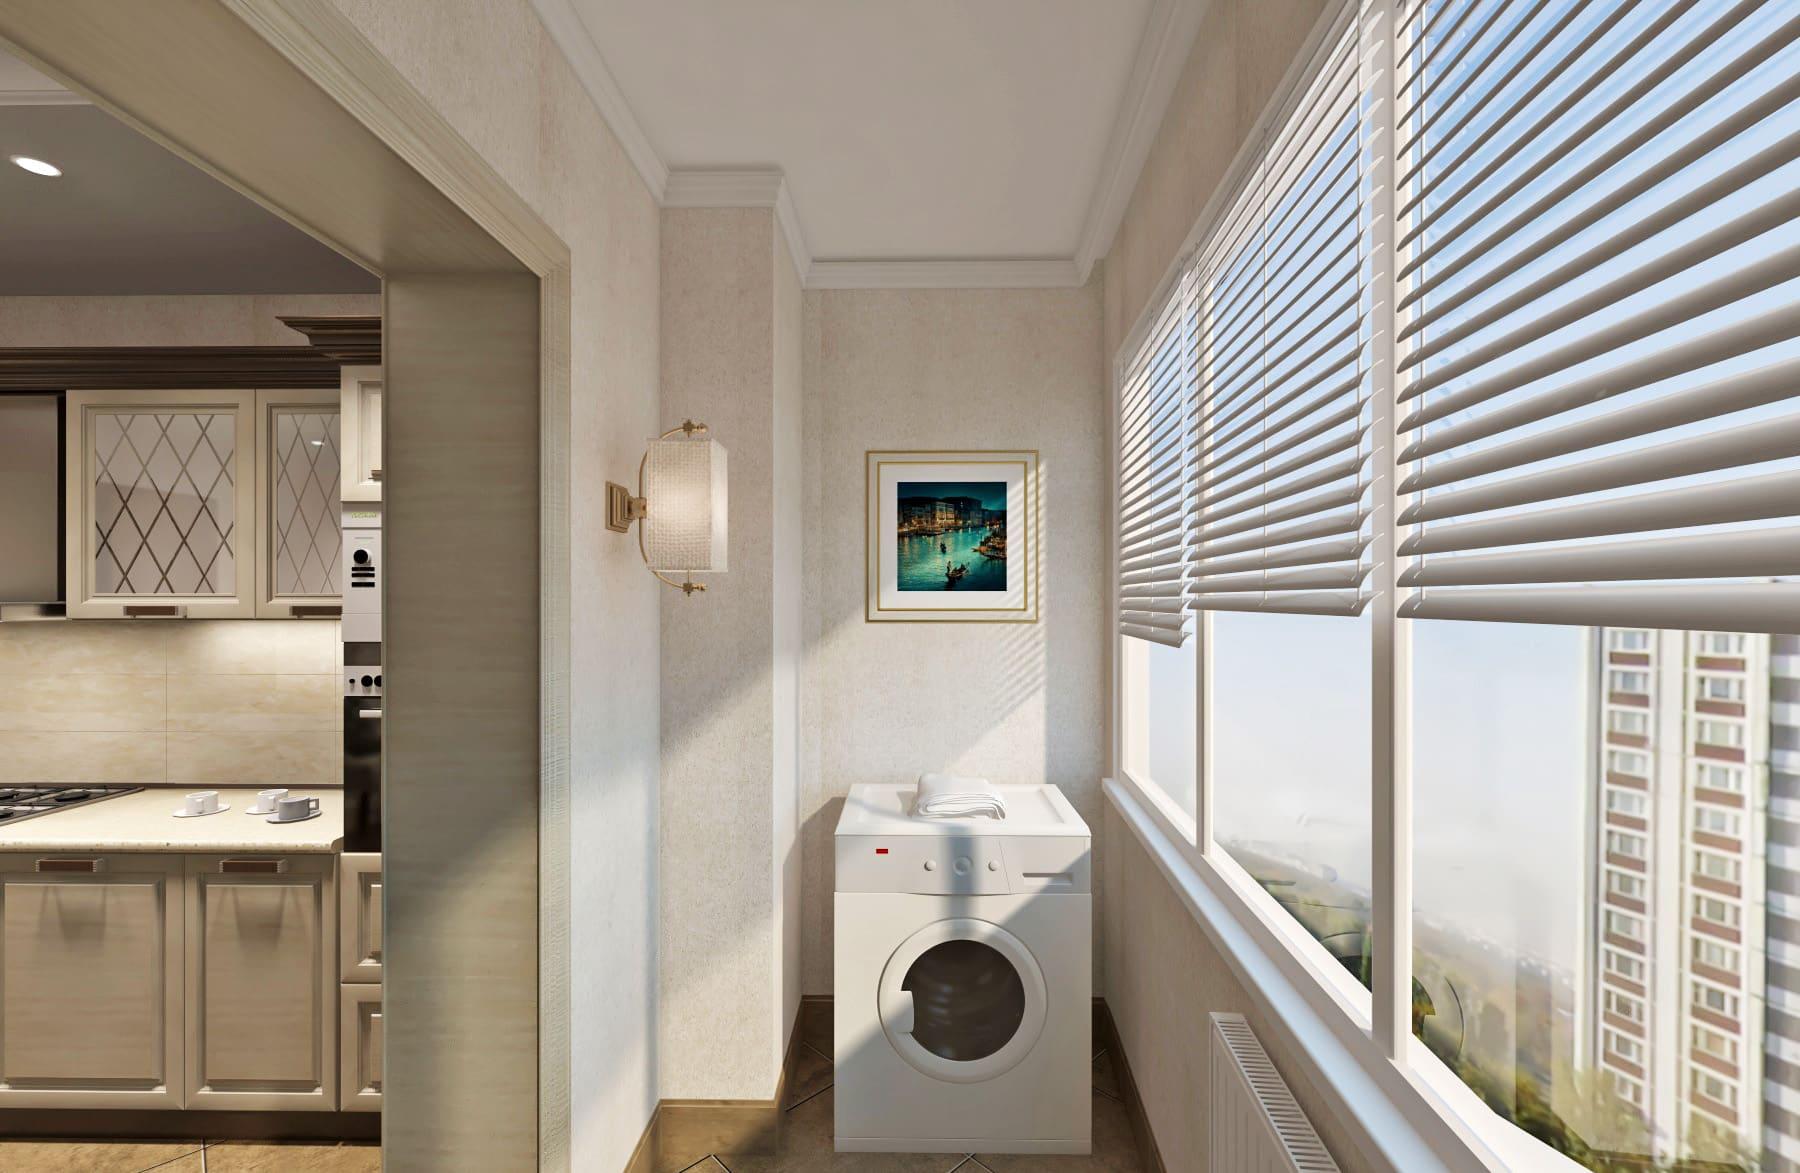 Дизайн интерьера в Ставрополе лоджия с стиральной машиной и бра жалюзи на окнах